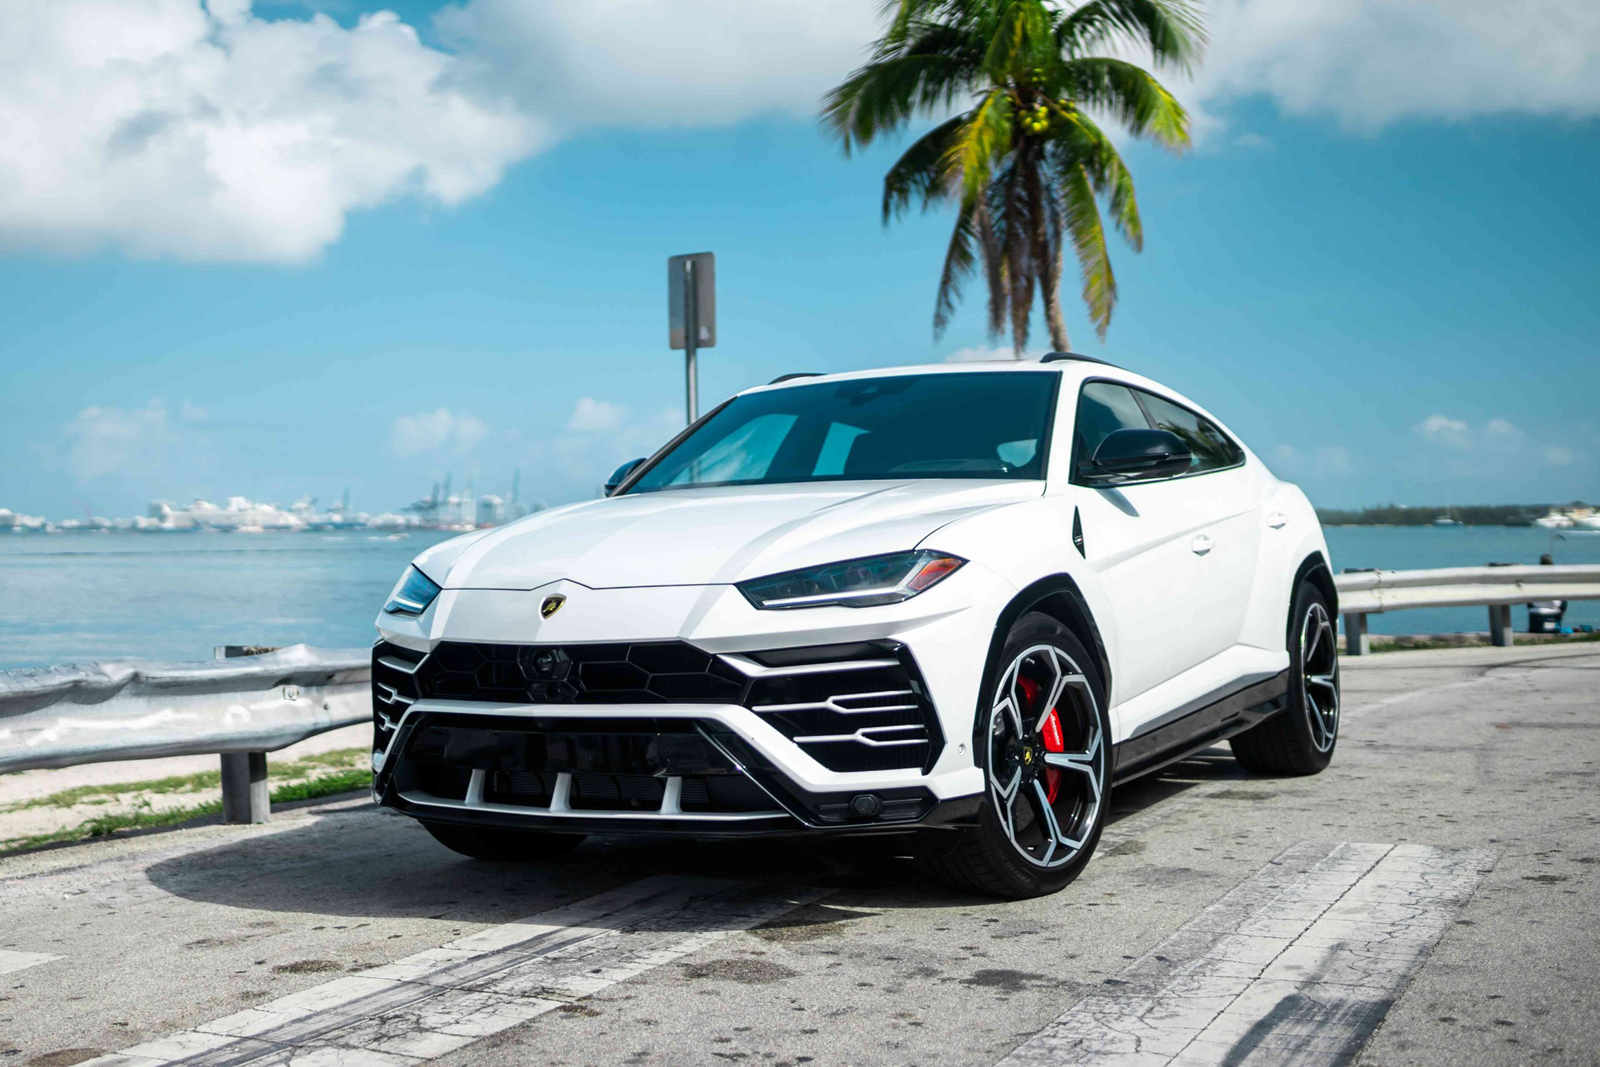 2019 Lamborghini Urus   ,